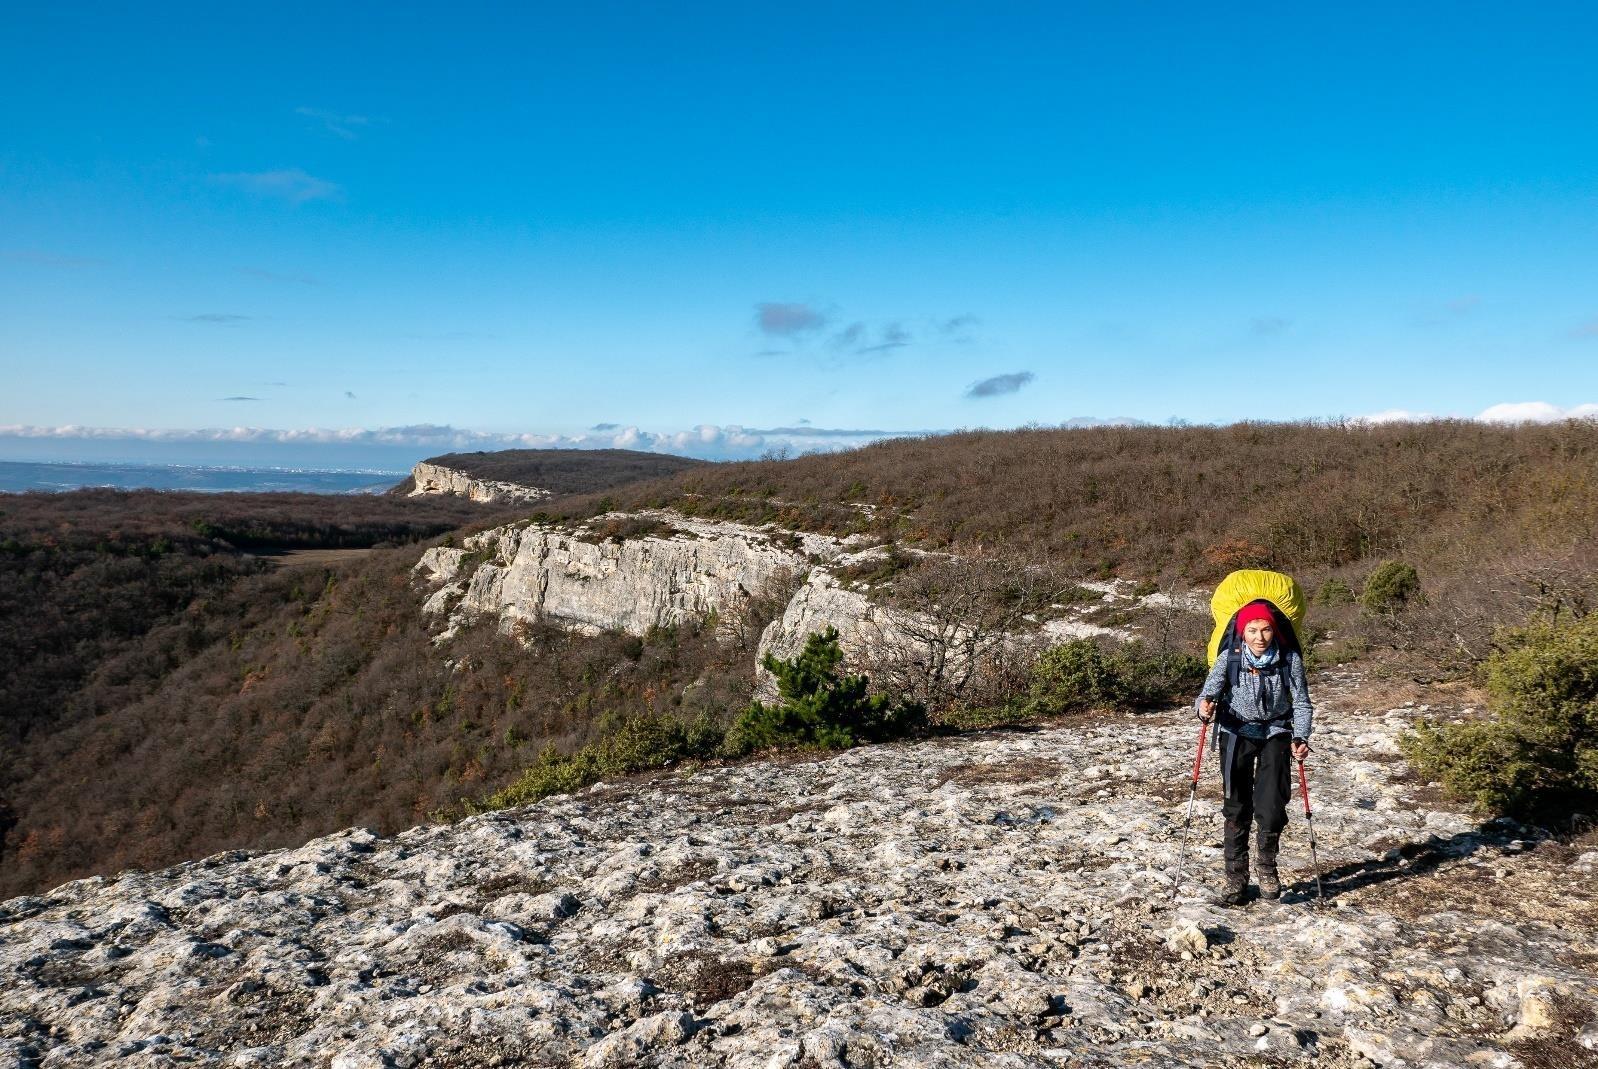 Отчёт о пешем туристском походе 2 категории сложности по Республике Крым